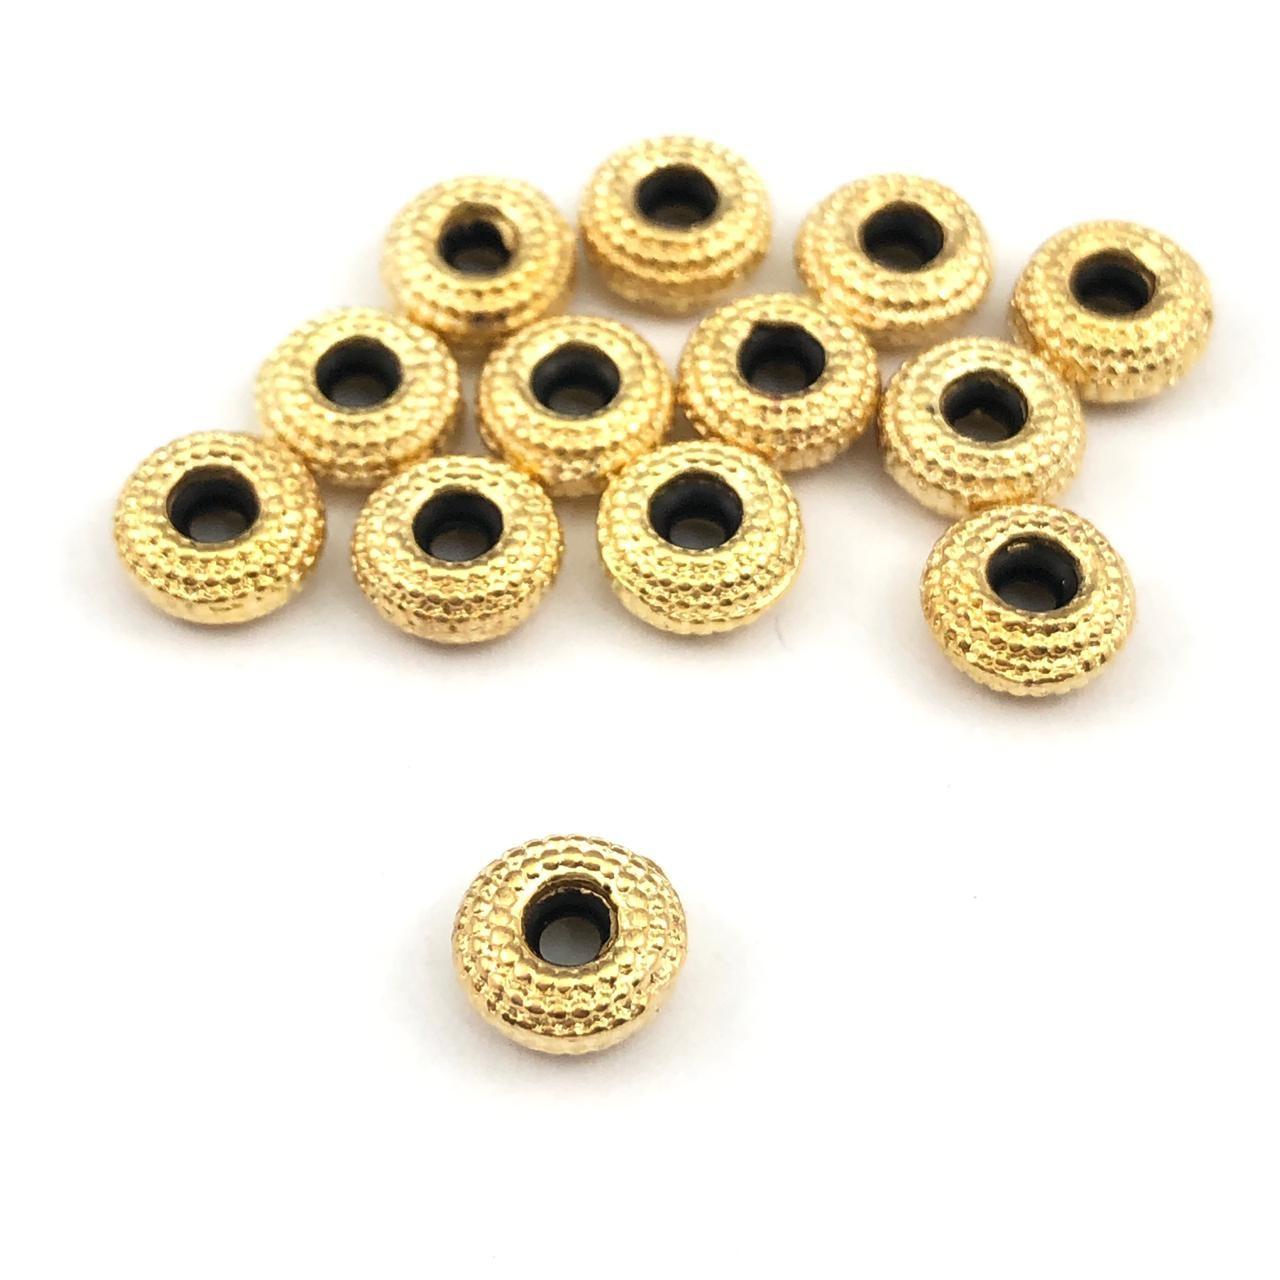 FC128 - Fecho Gravata 6mm Folheado 1mls Ouro - 02Unids